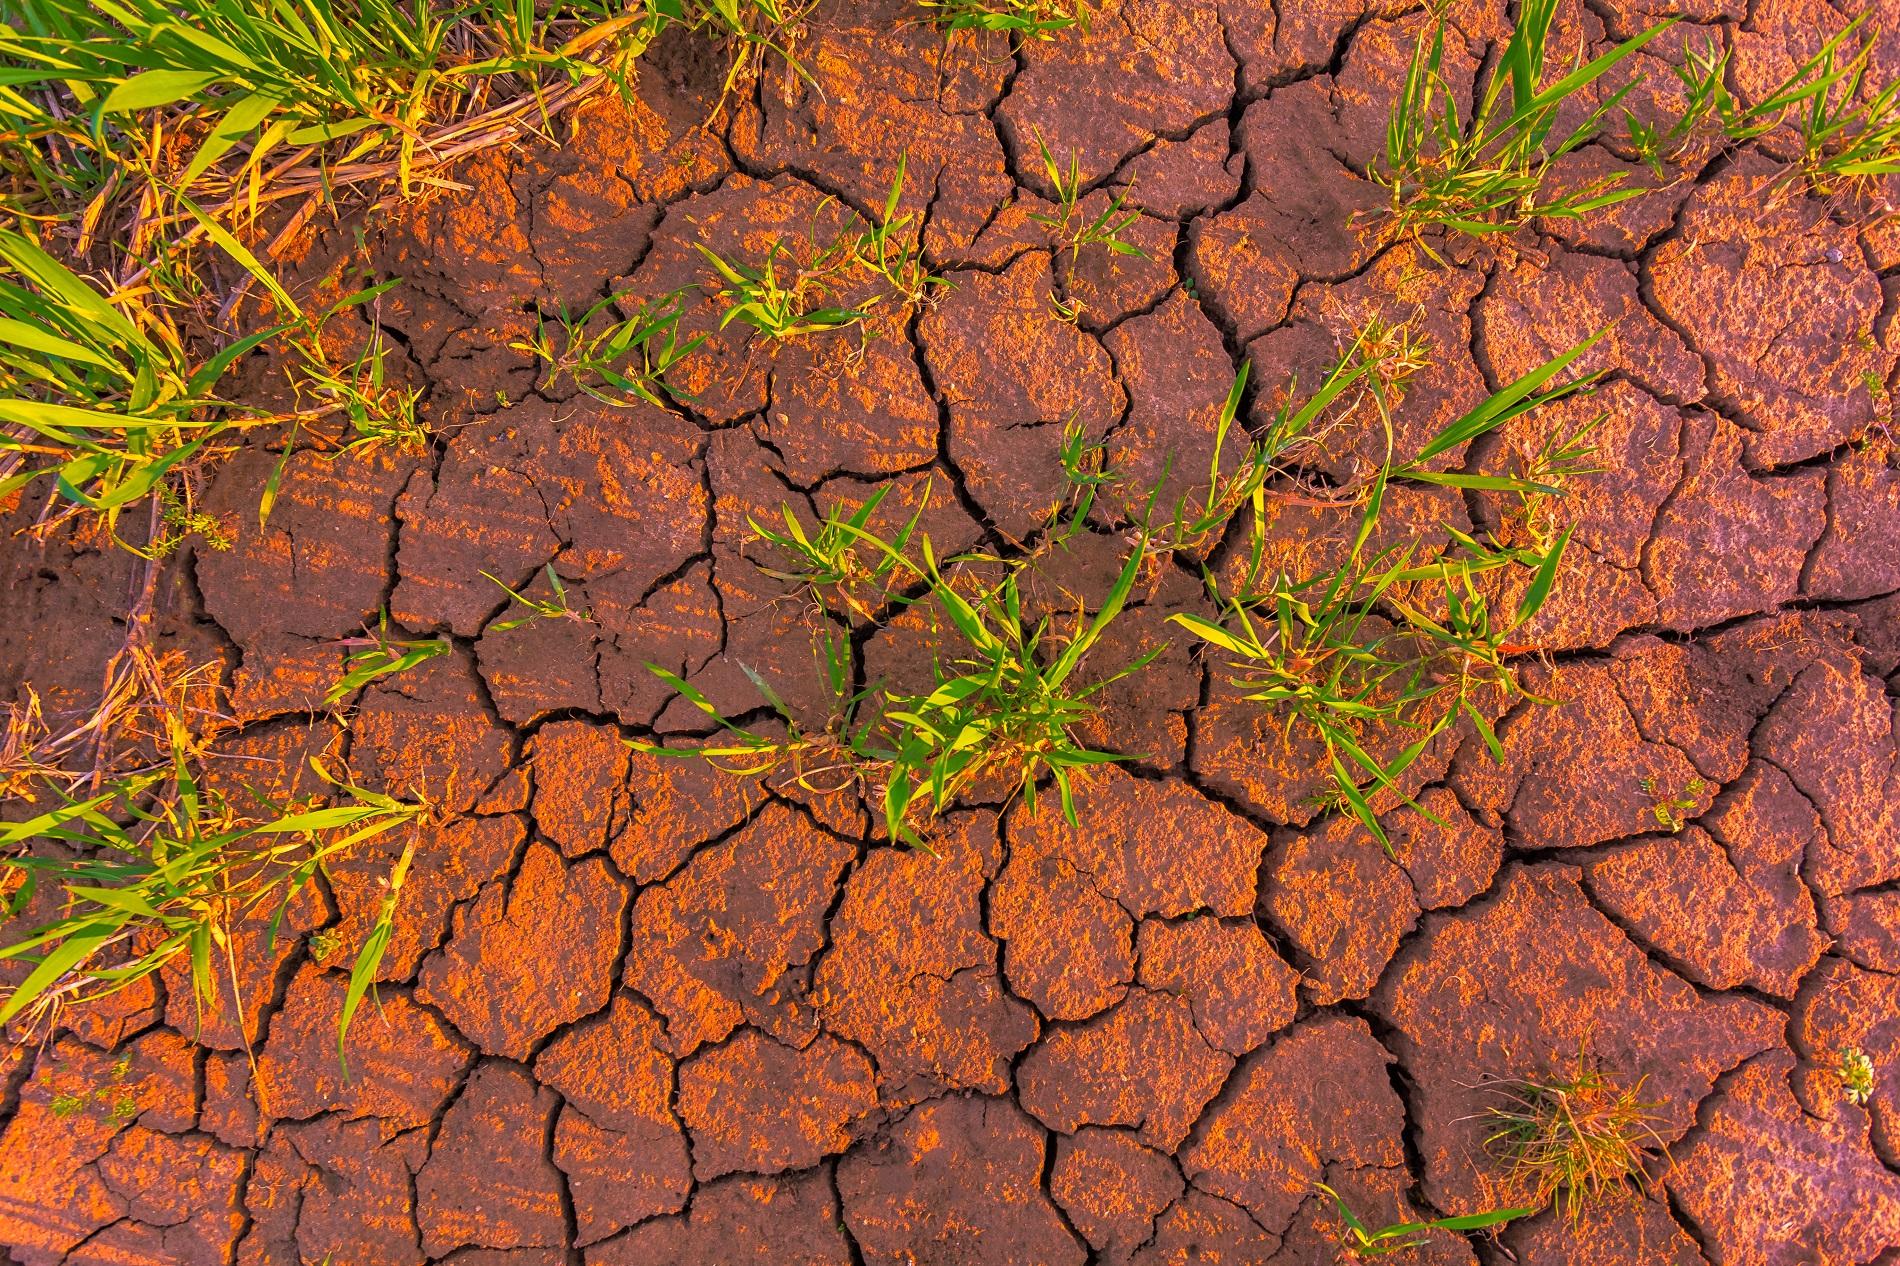 ¿Qué puedes hacer para reducir la compactación superficial del suelo agrícola?